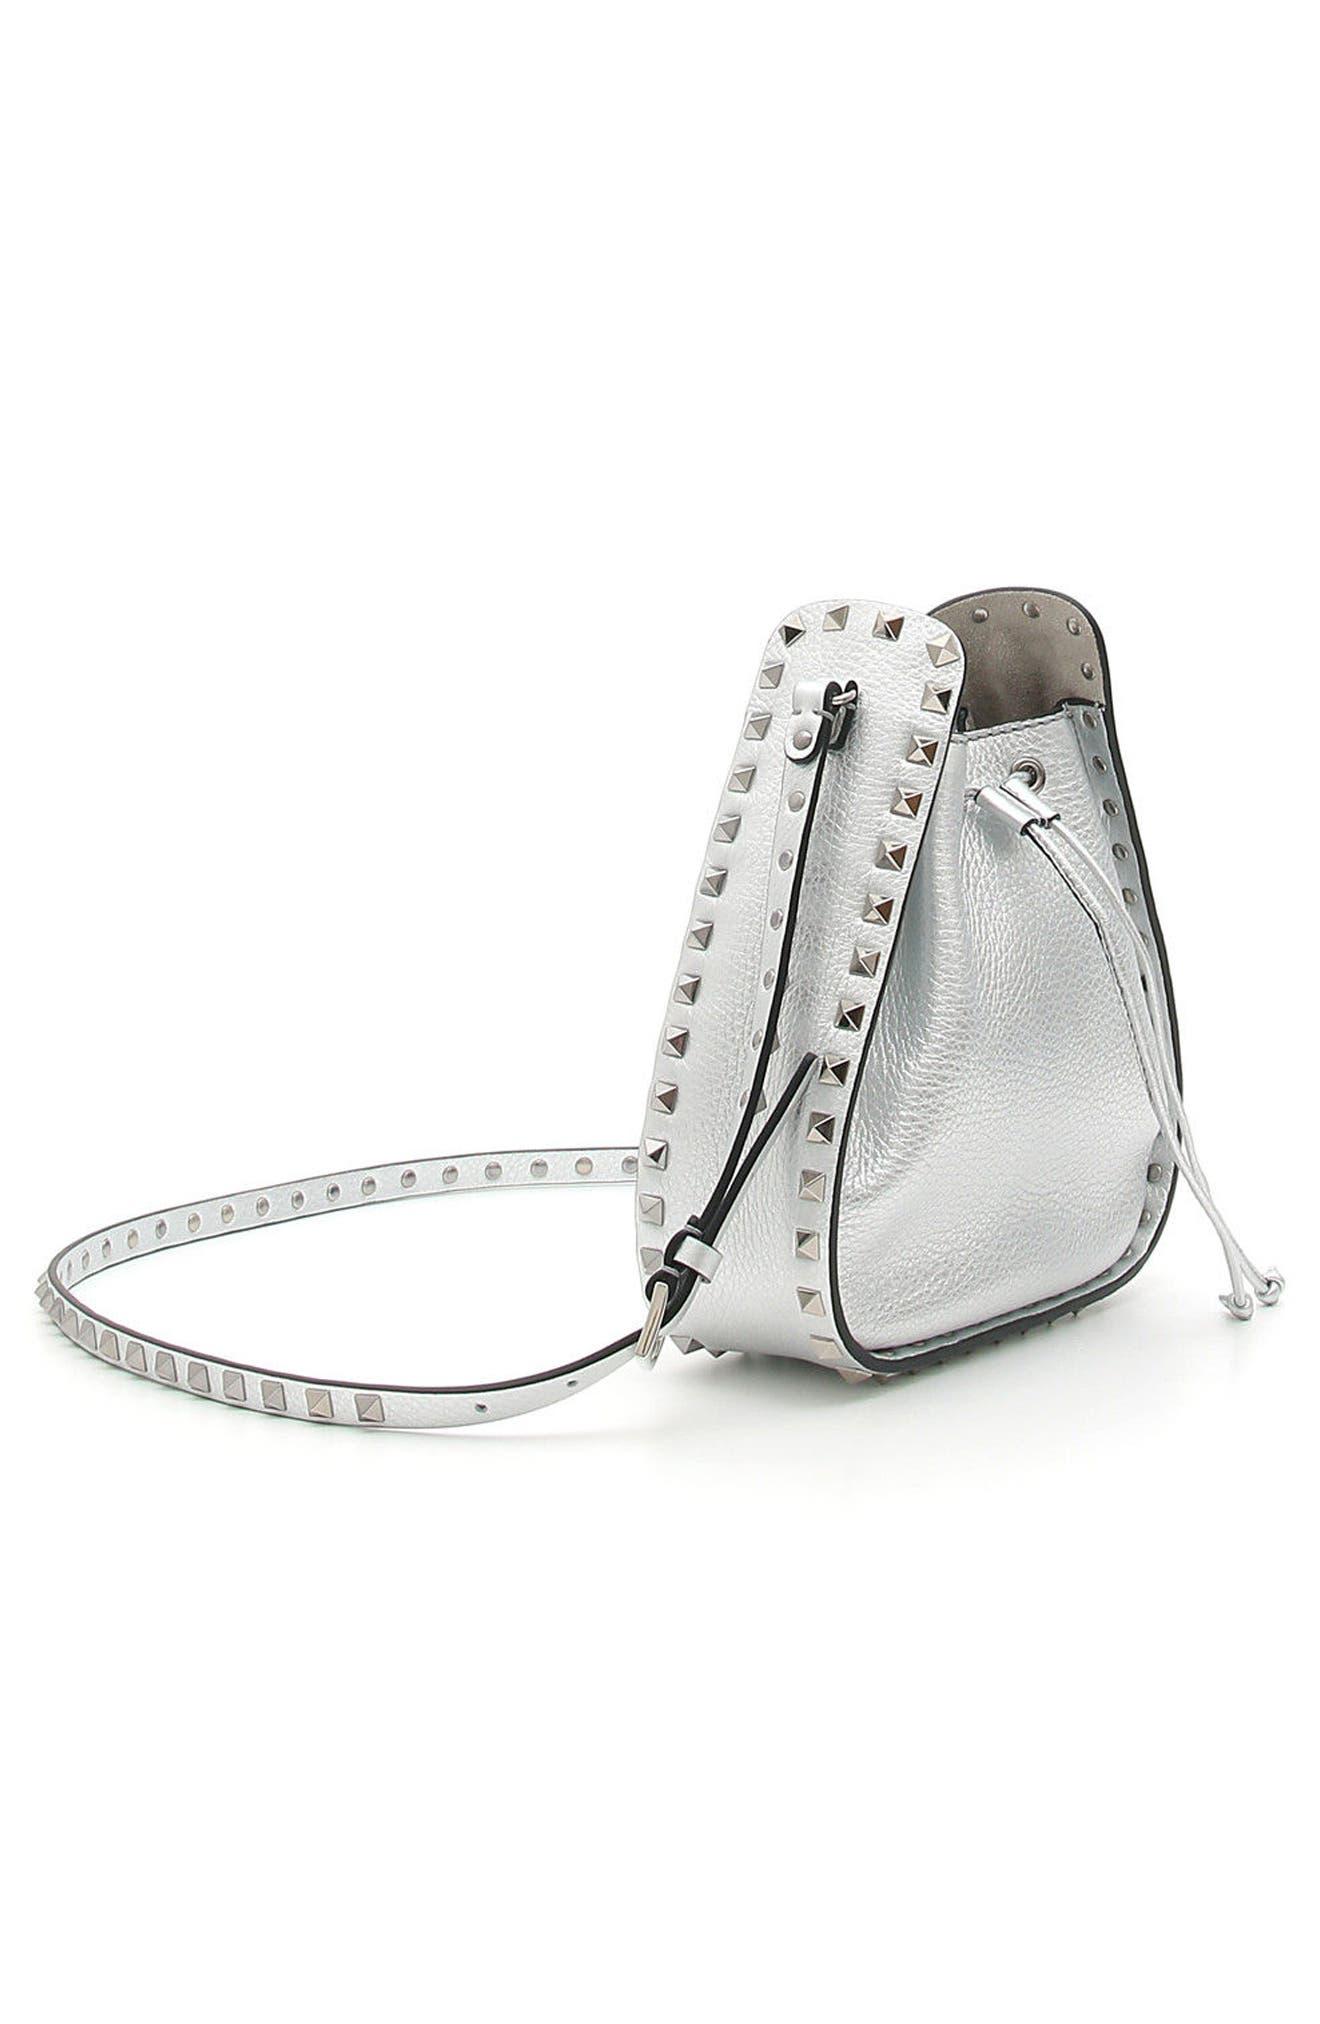 Rockstud Metallic Leather Bucket Bag,                             Alternate thumbnail 3, color,                             040